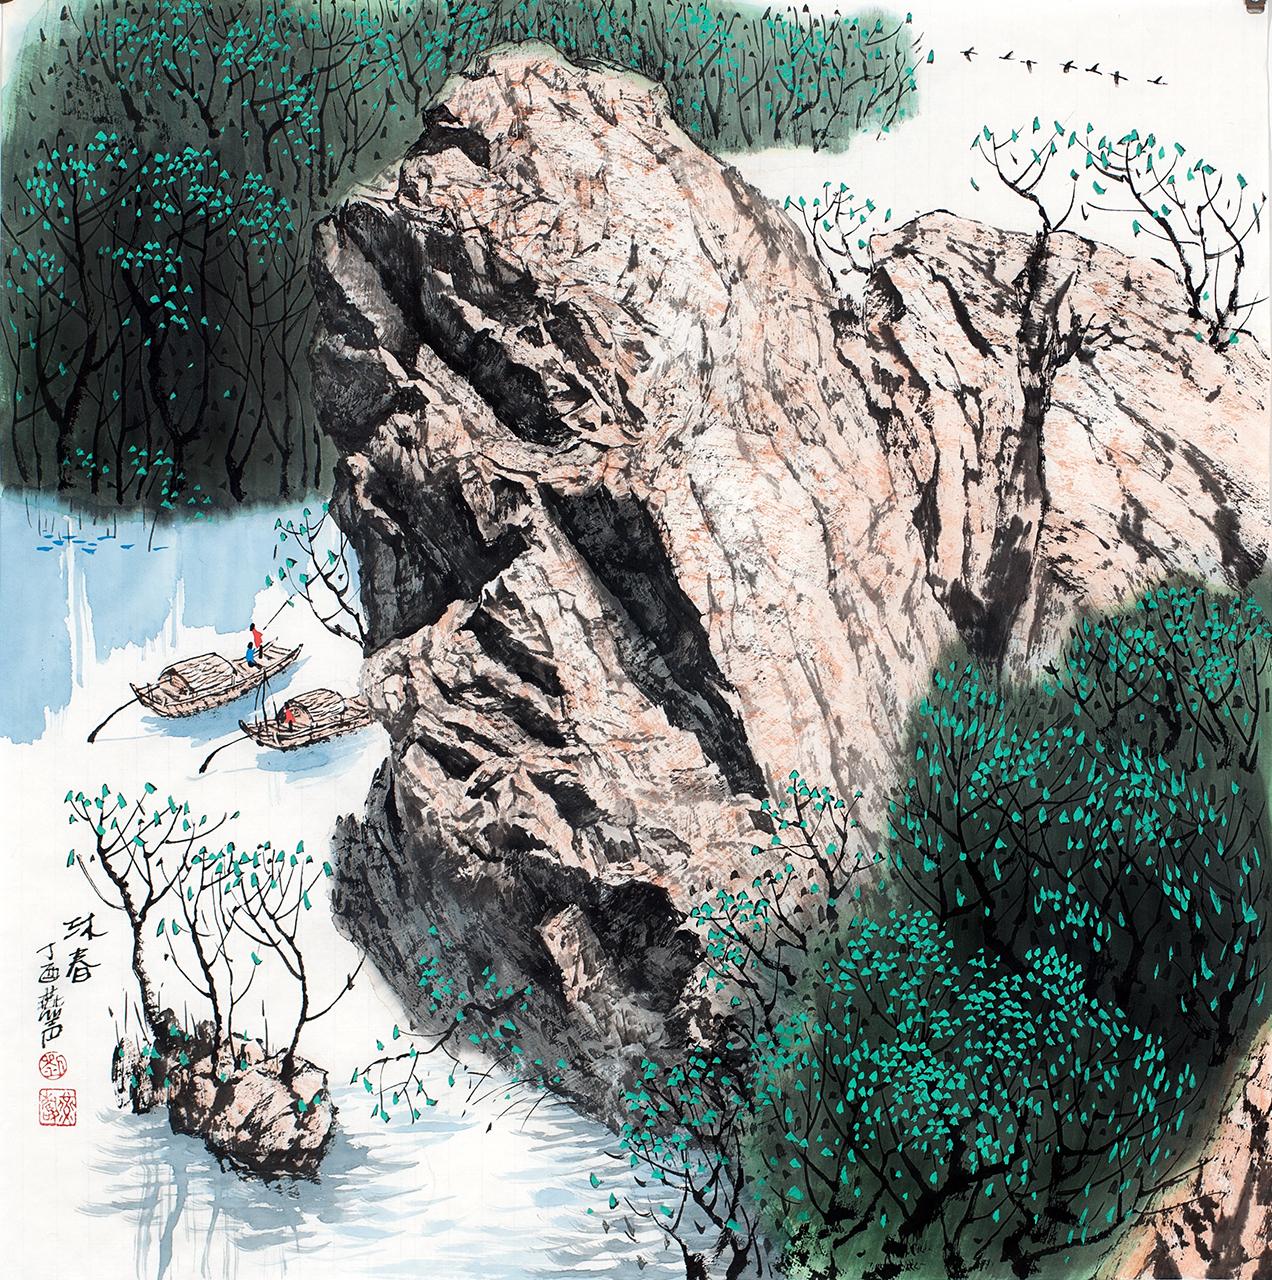 刘燕声现代山水画作品《沐春》68x68cm图片